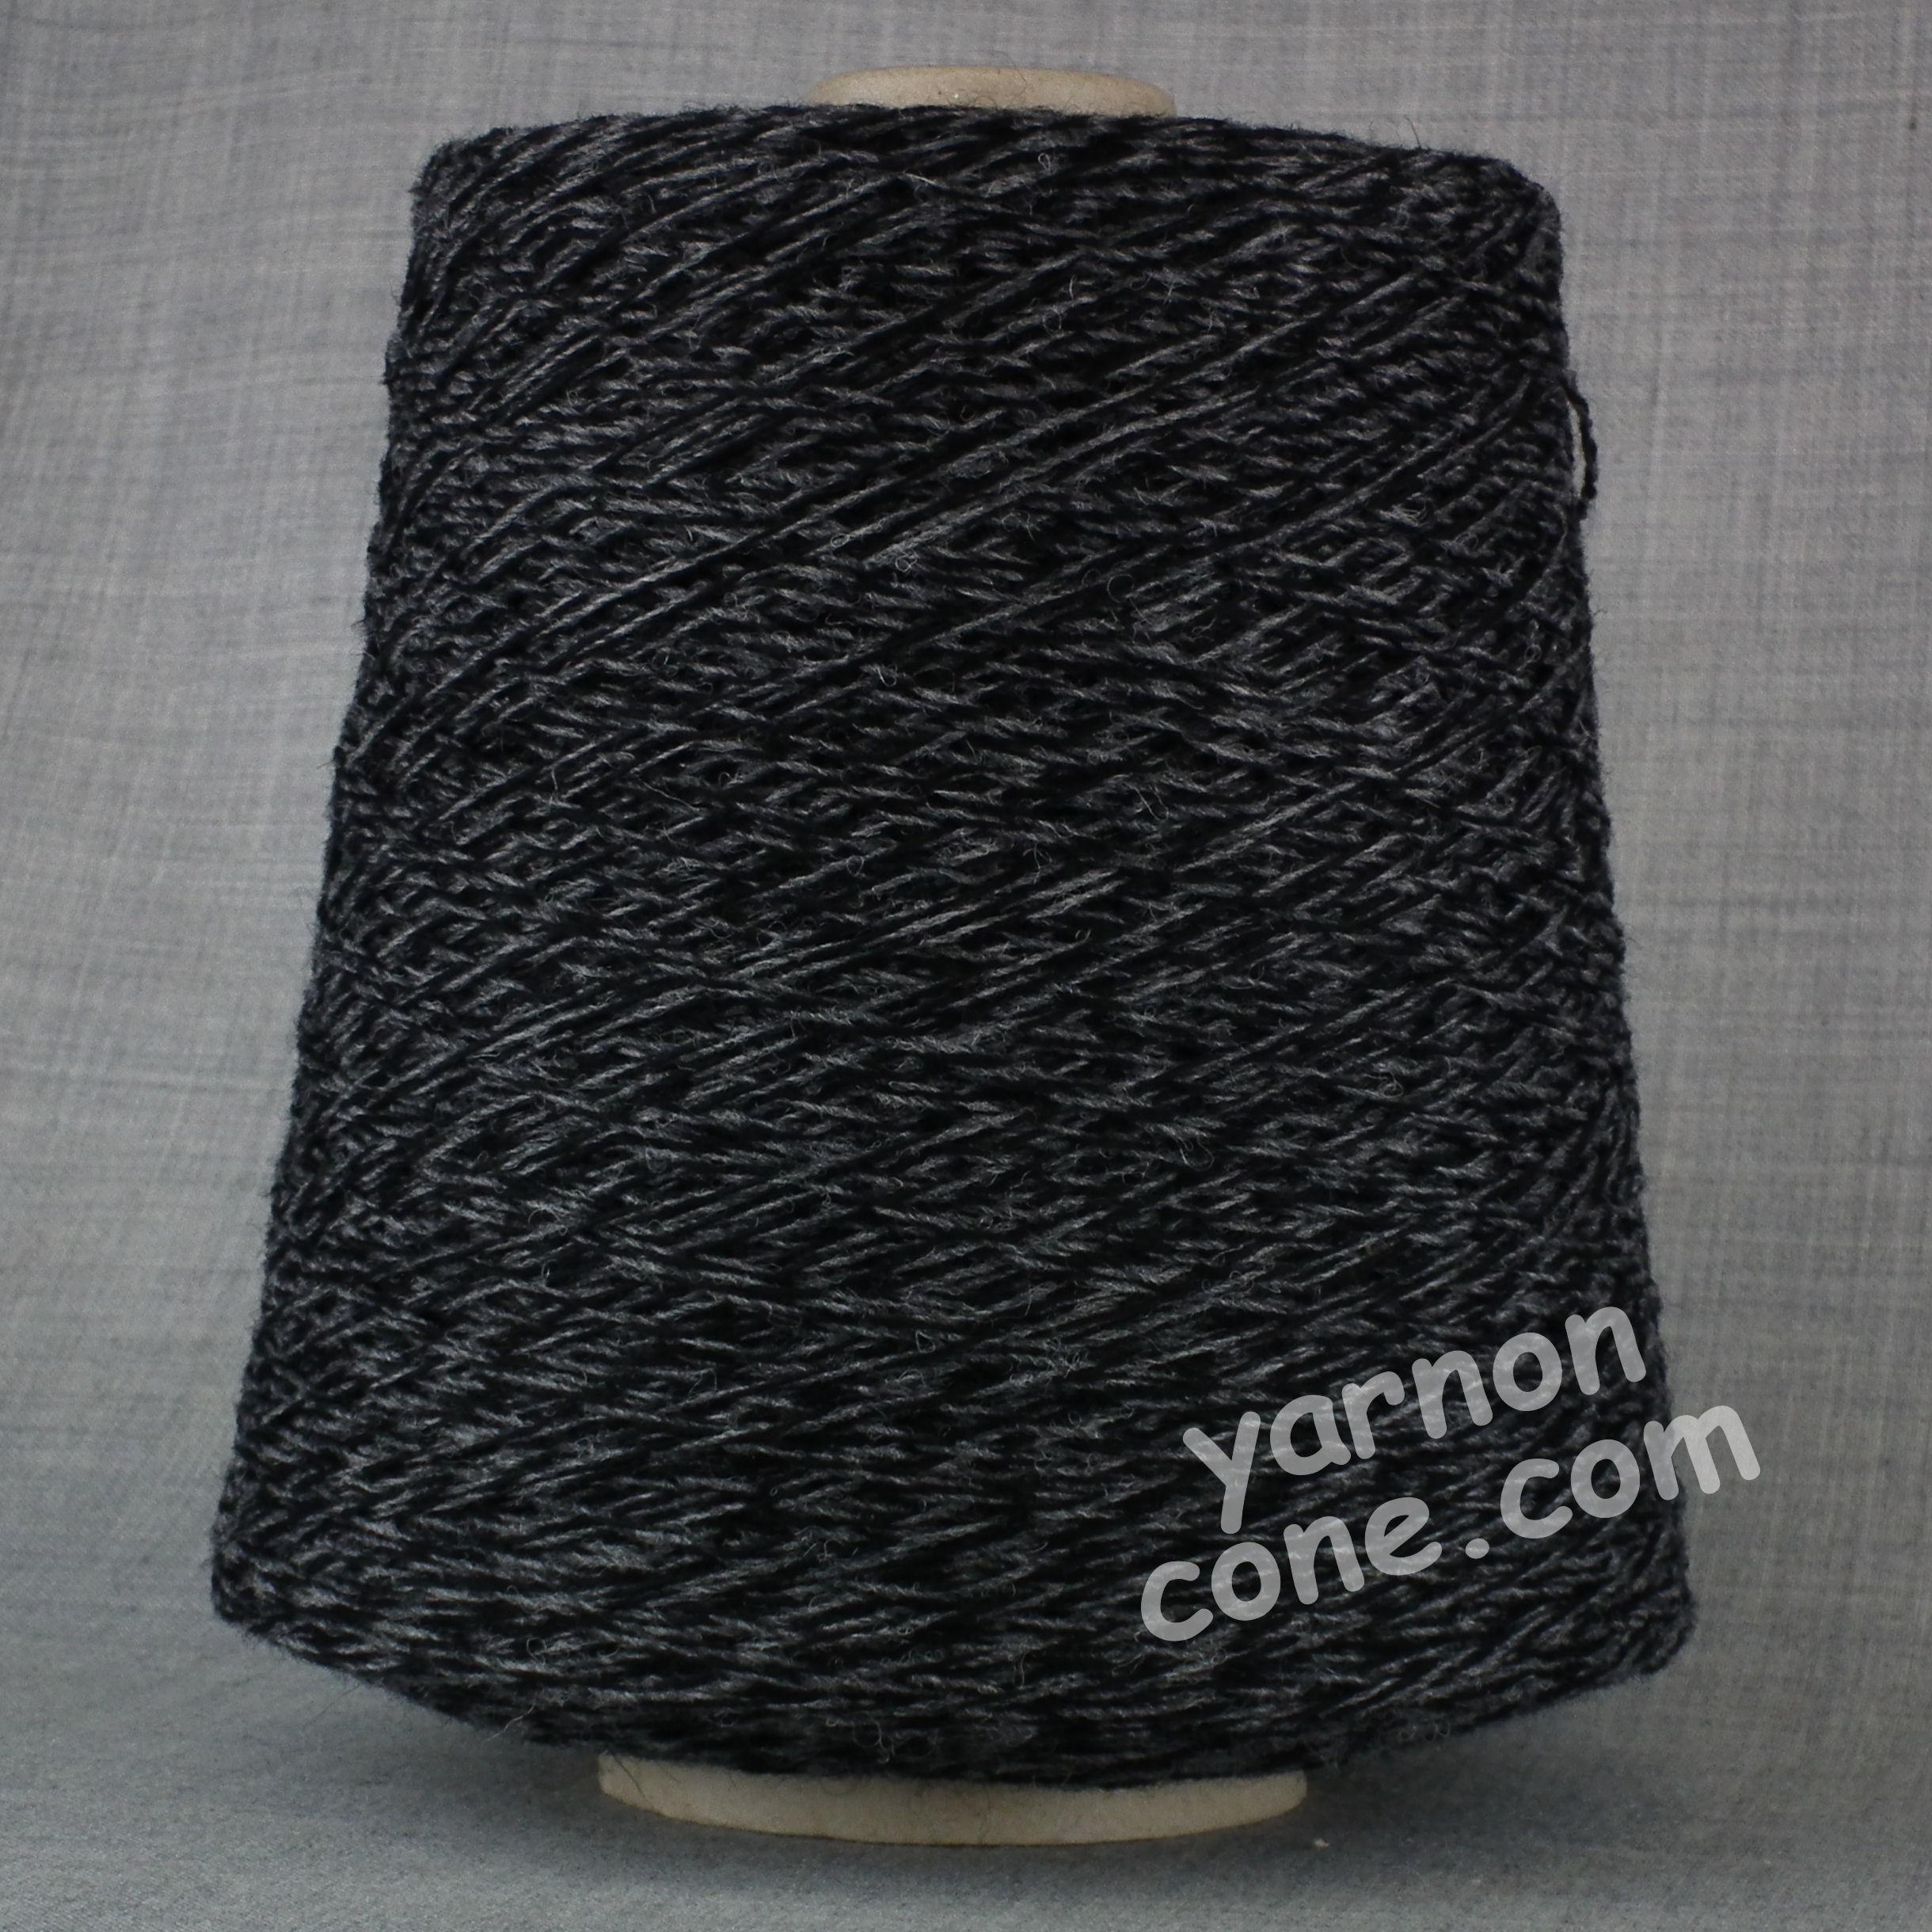 Shetland weaving wool nylon 80 20 2/9 NM black grey tweed marl yarn on cone uk